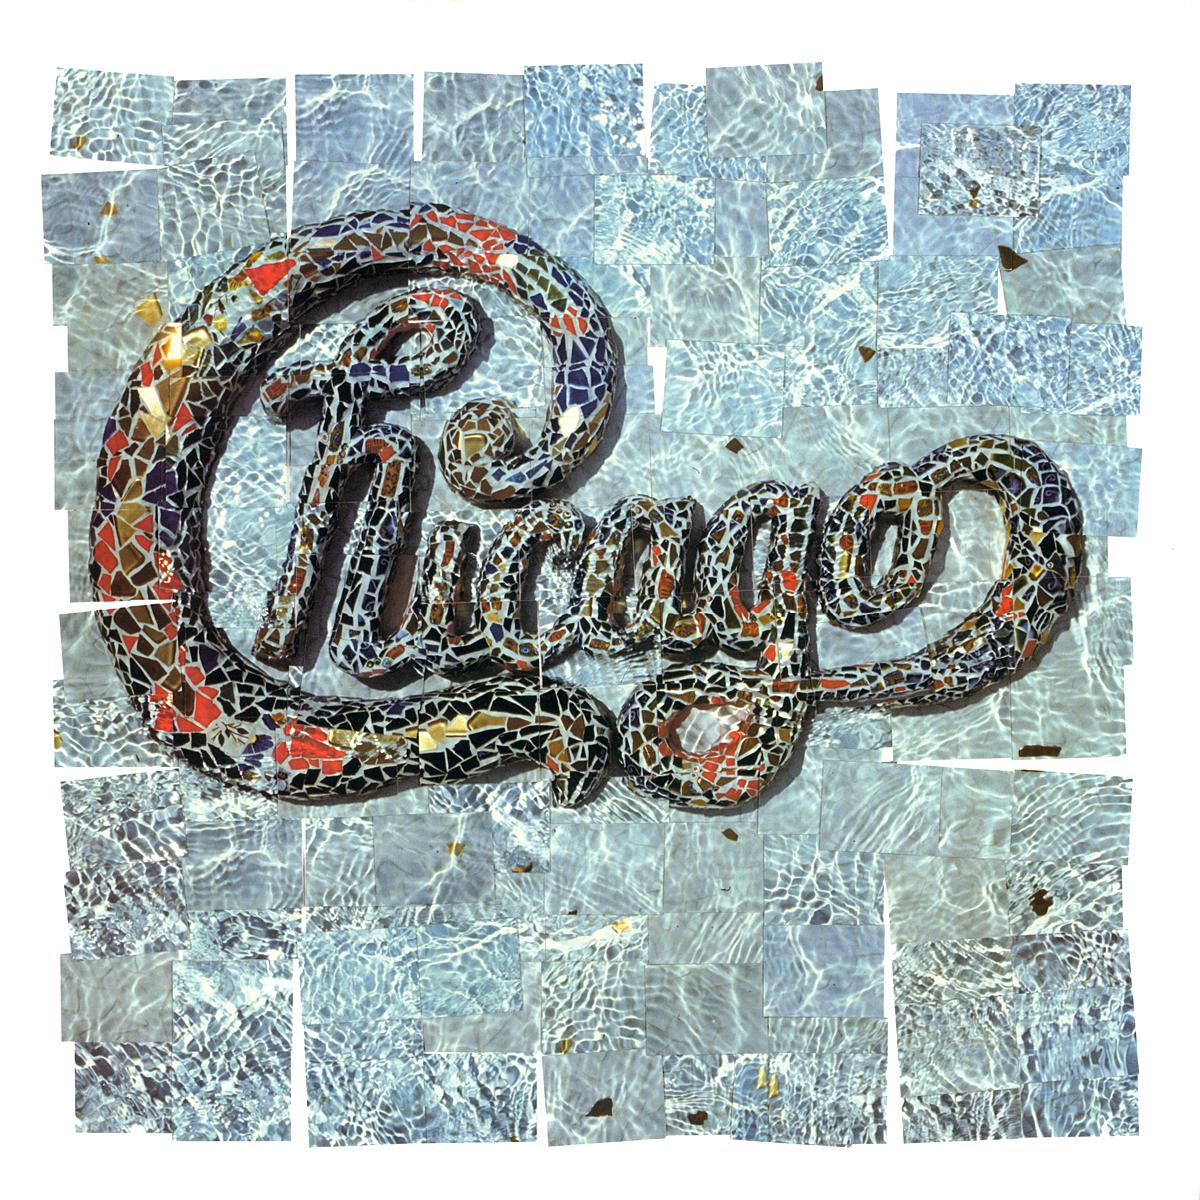 Chicago 18 Vinyl Album Covers Com